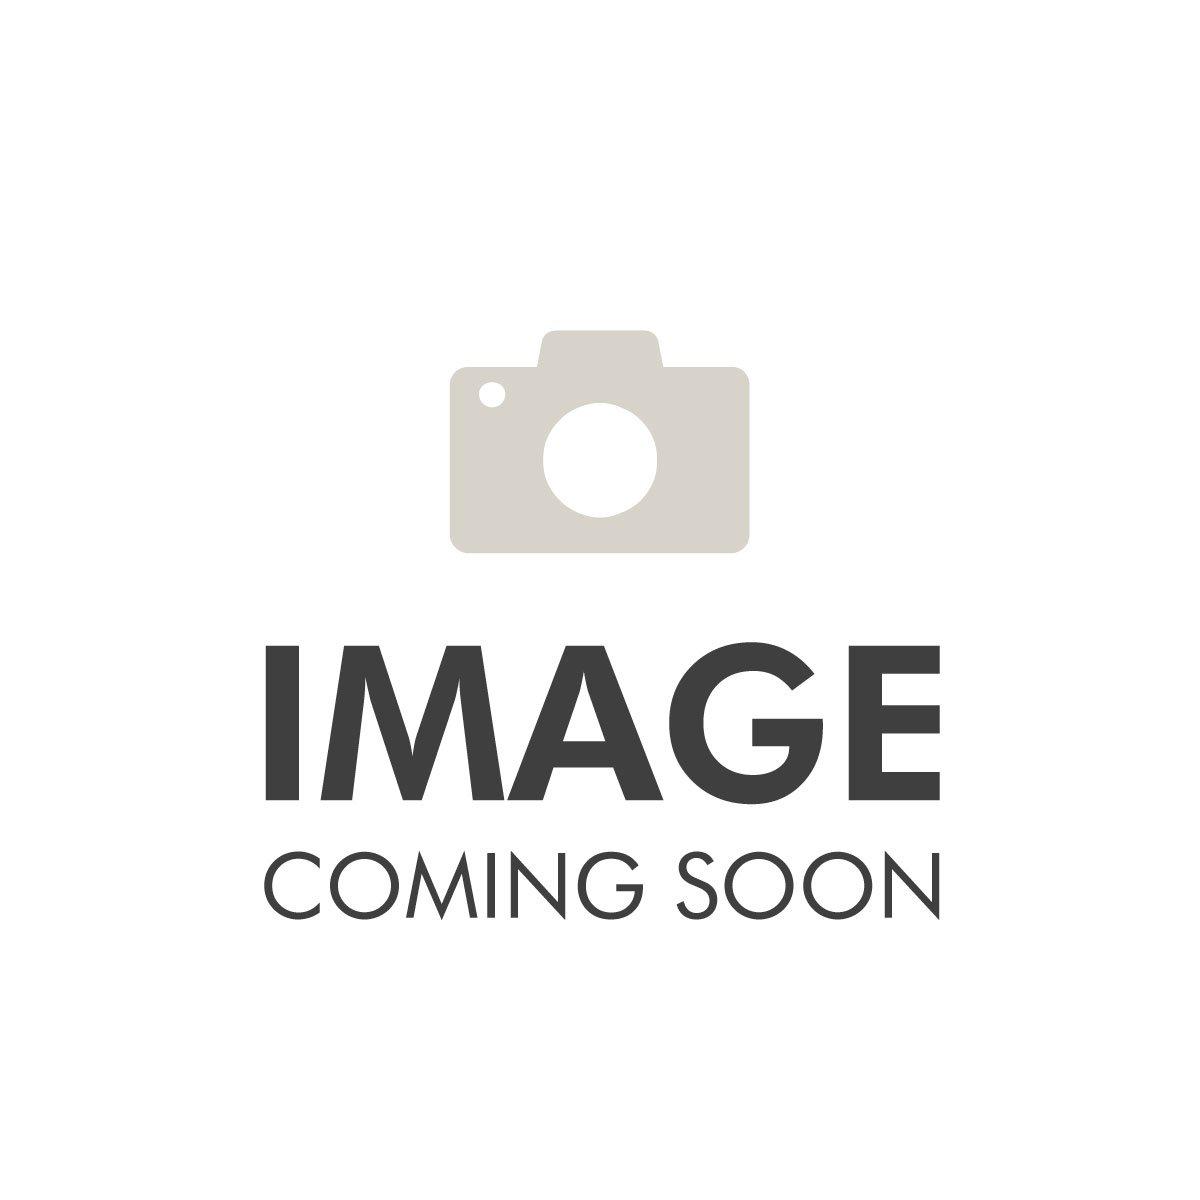 Mercedes Benz Mercedes-Benz EDT Spray 75ml